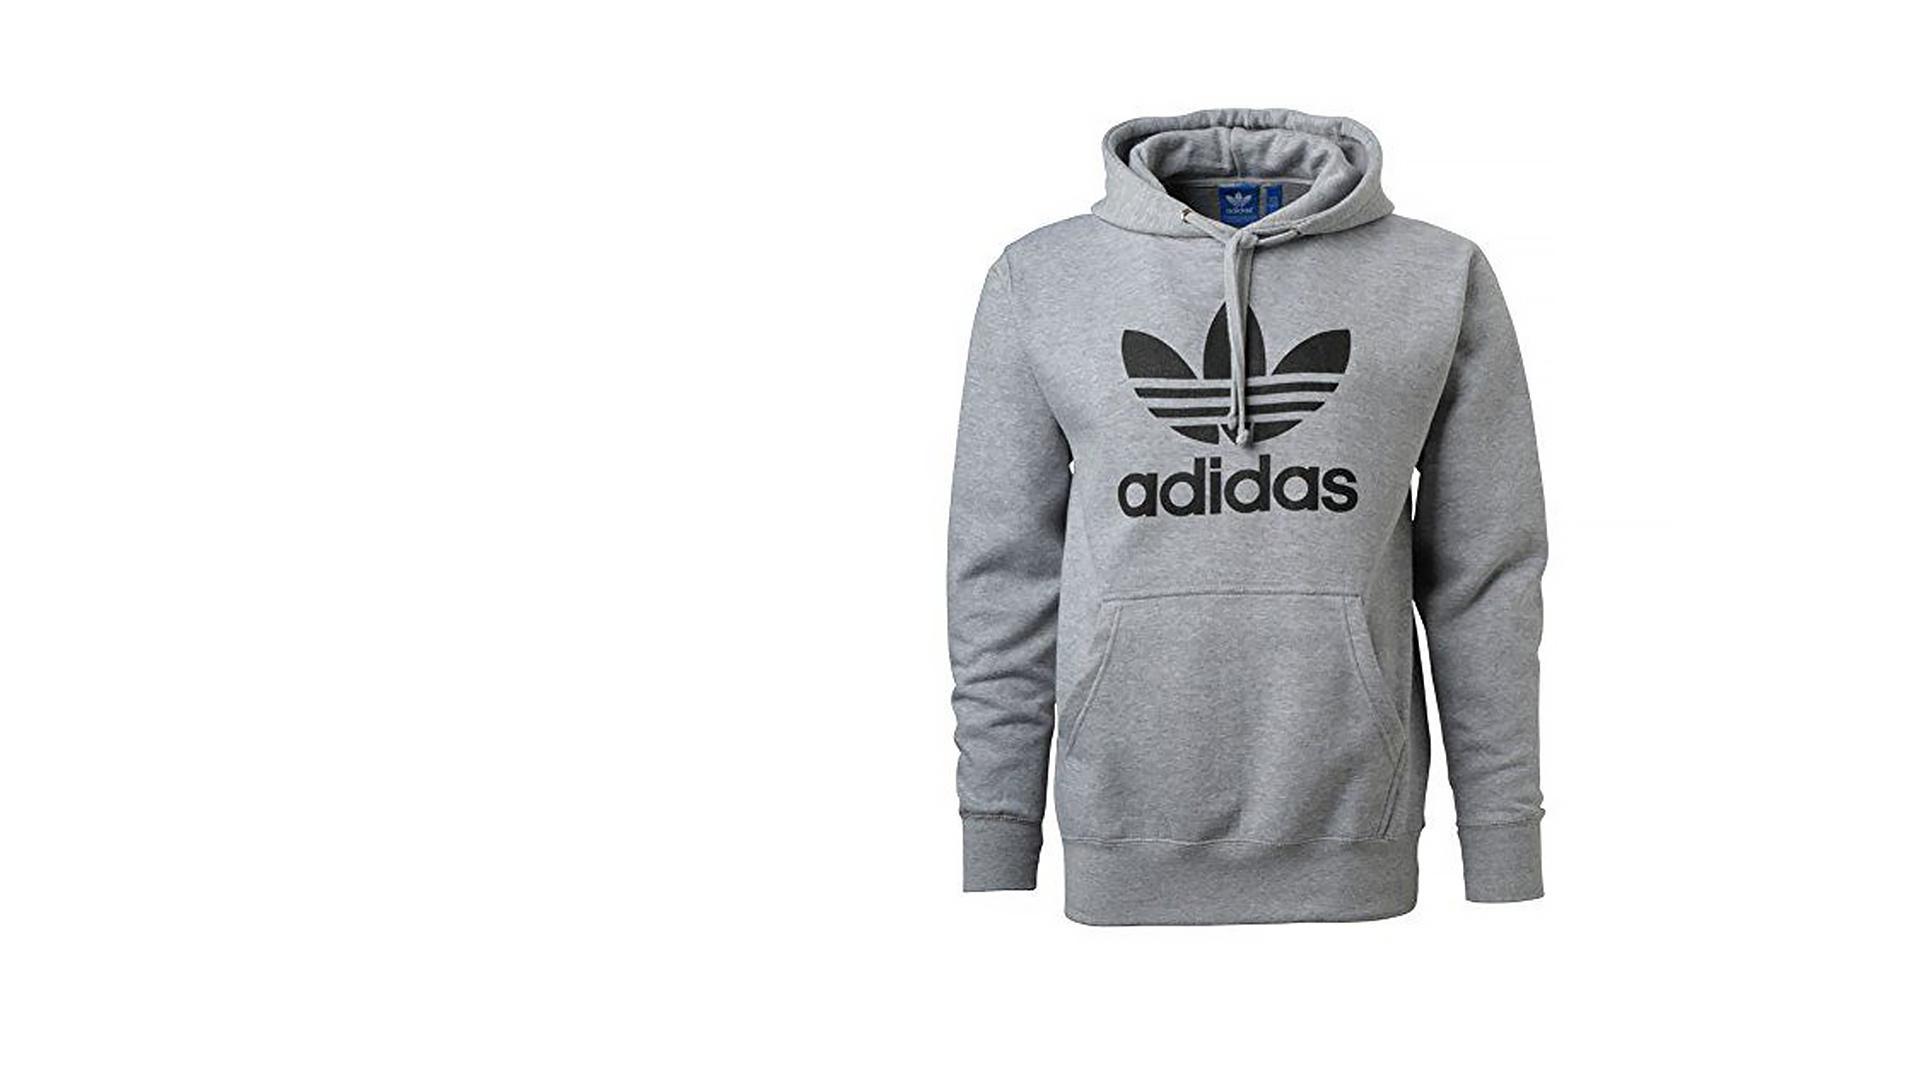 Adidas Originals Hoodie - Brotherhood